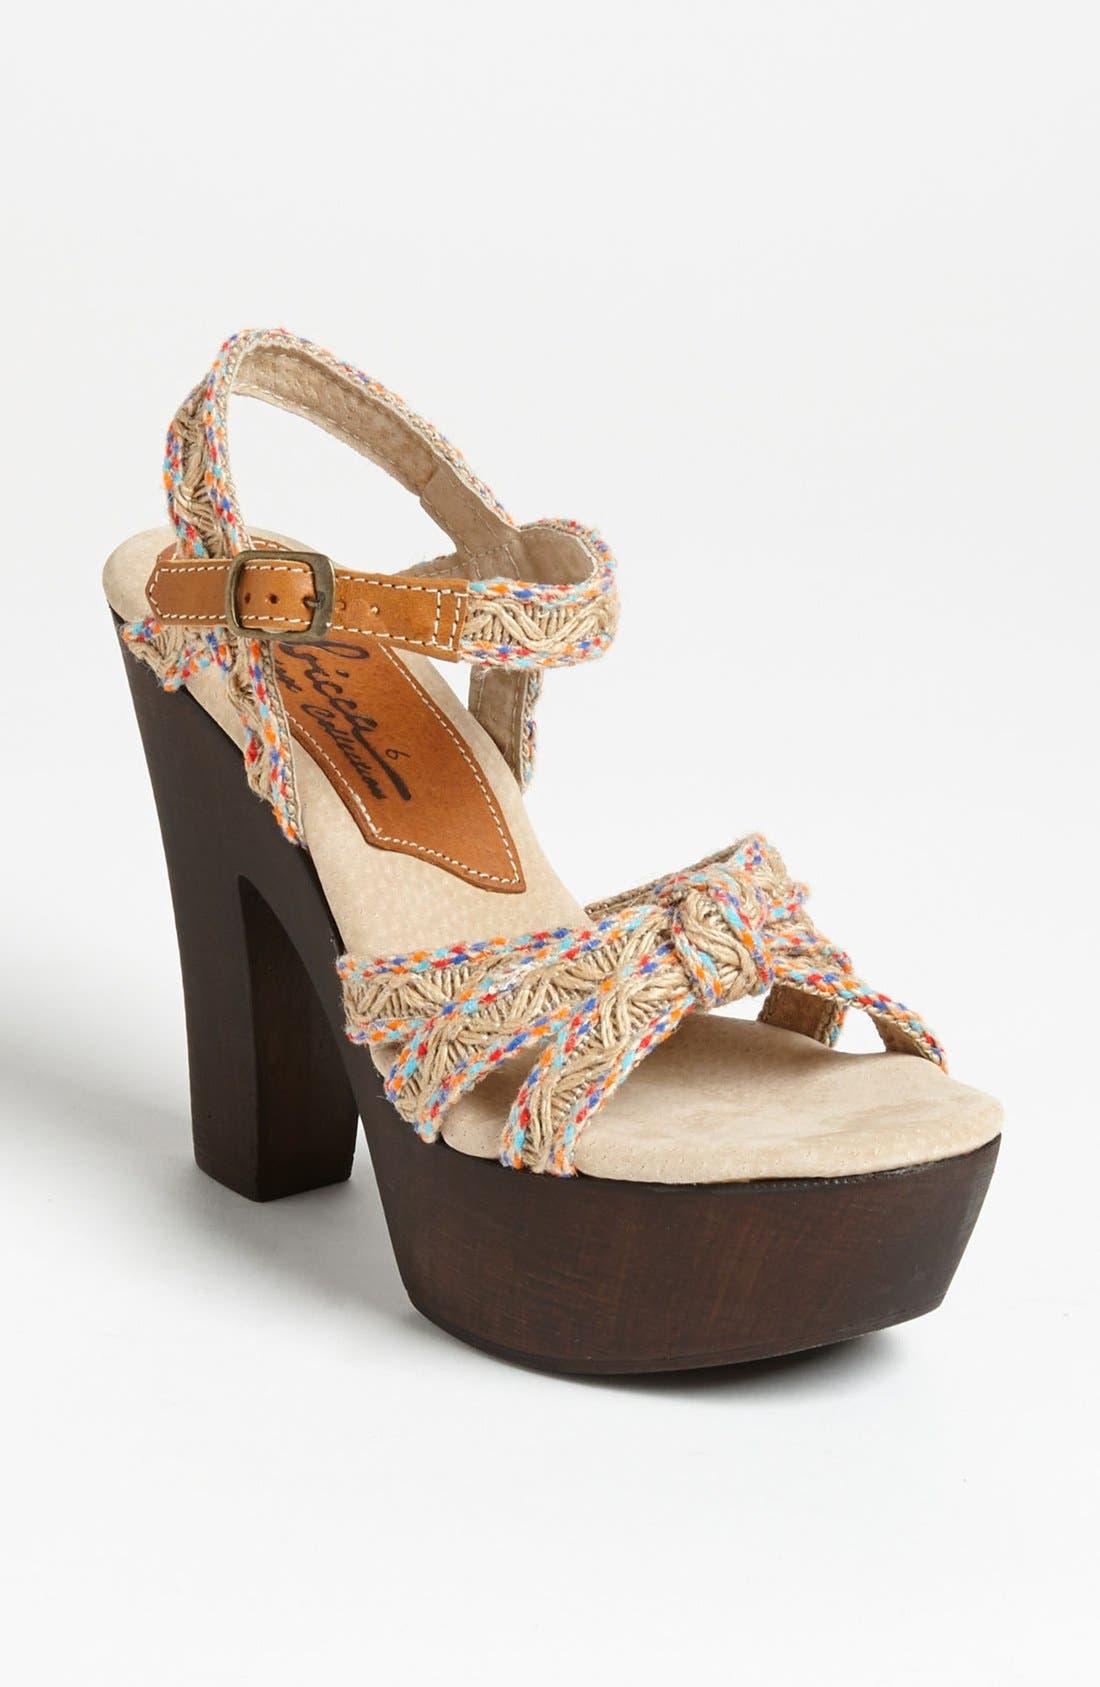 Alternate Image 1 Selected - Sbicca 'Generation' Sandal